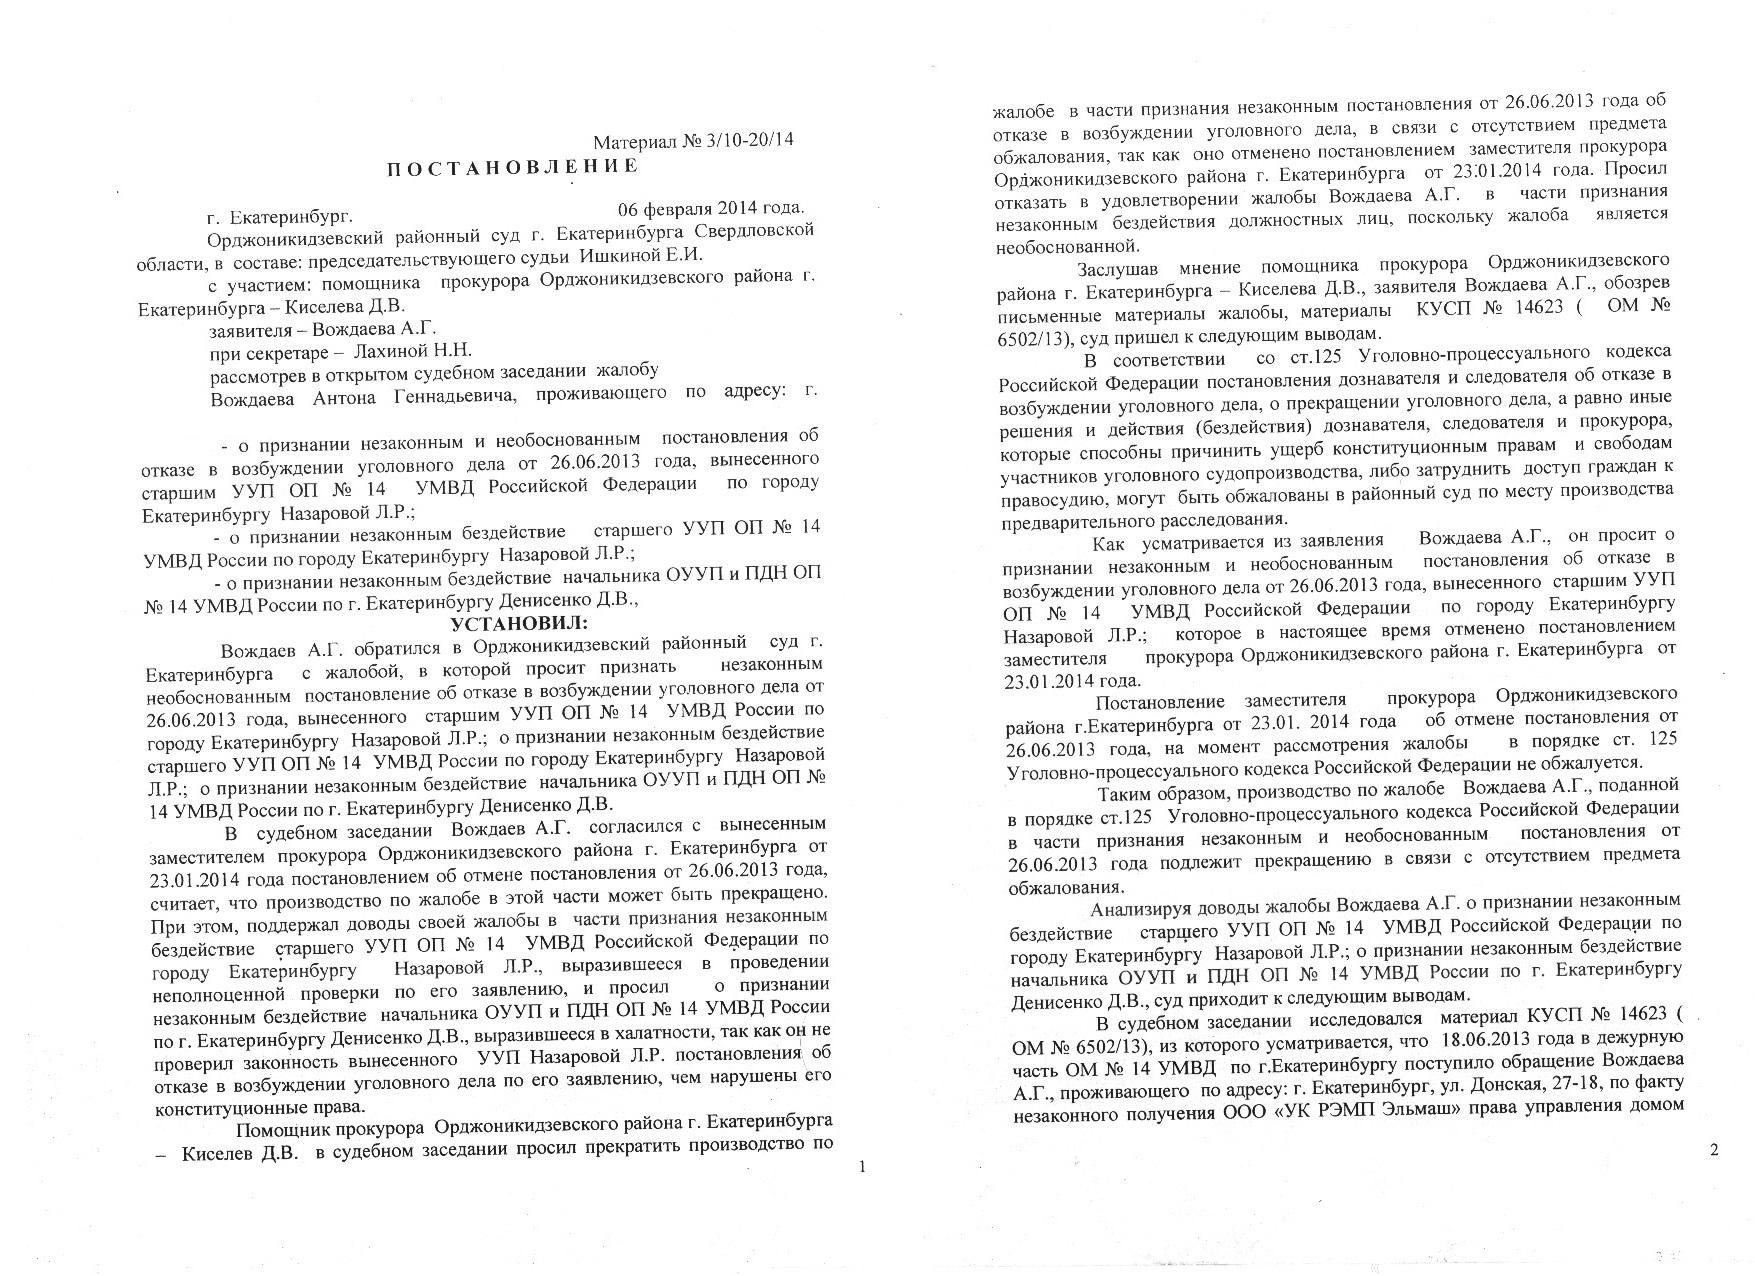 постановление ишкиной кусп 14623 стр1